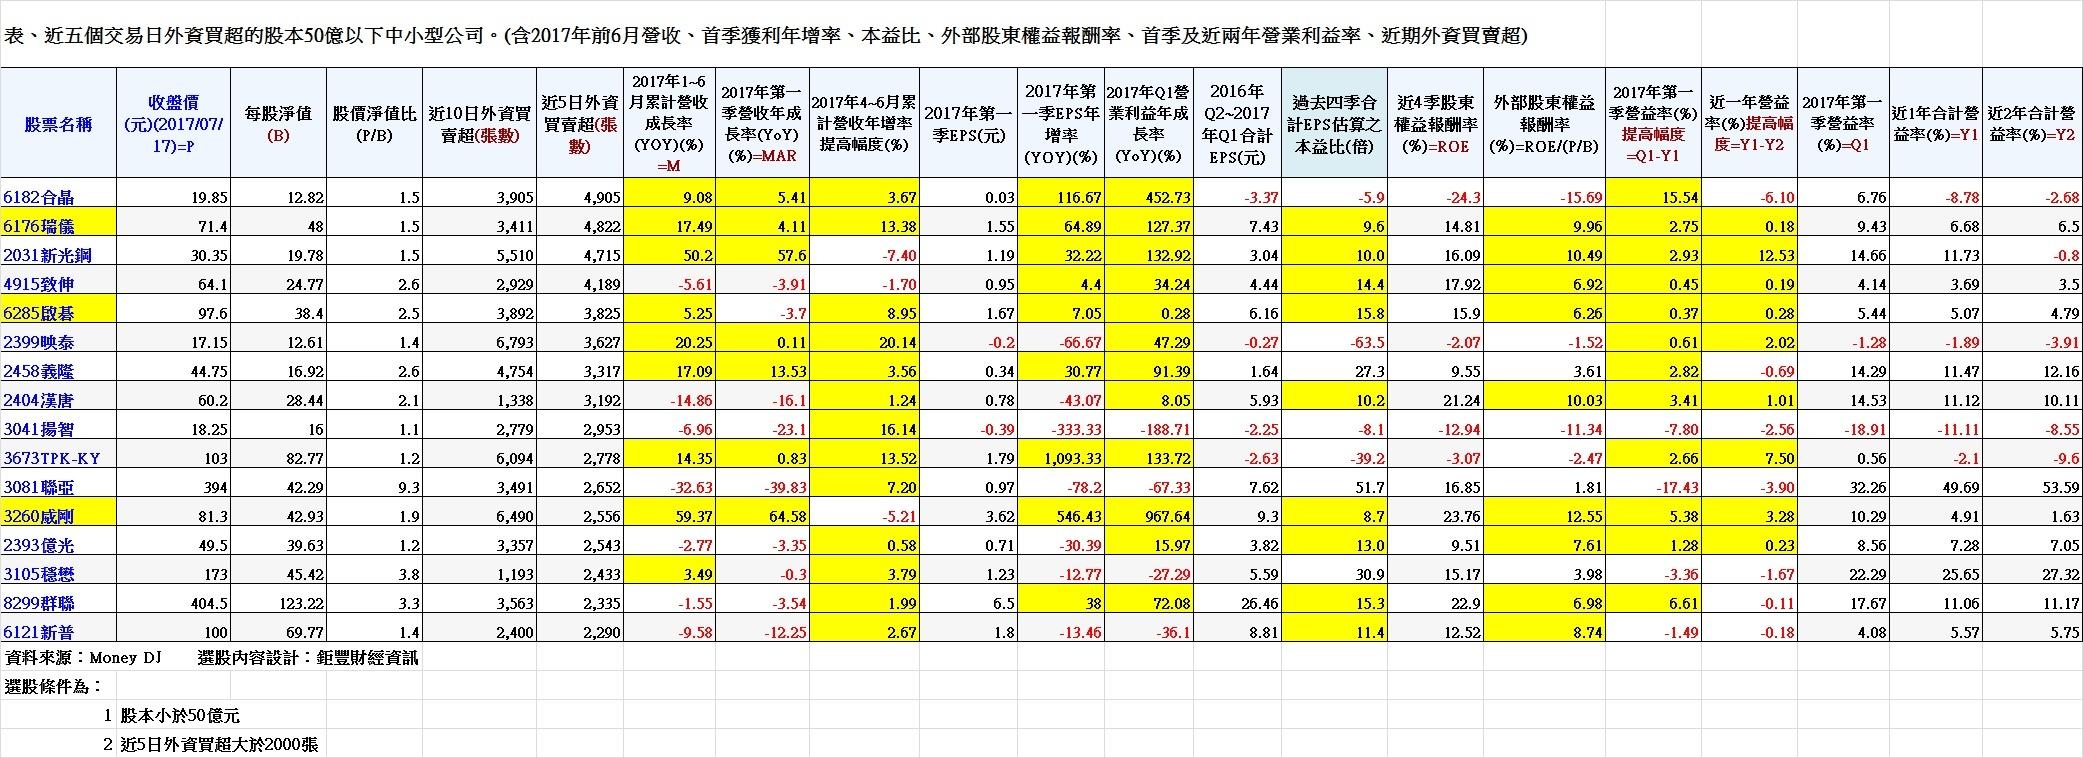 表、近五個交易日外資買超的股本50億以下中小型公司。(含2017年前6月營收、首季獲利年增率、本益比、外部股東權益報酬率、首季及近兩年營業利益率、近期外資買賣超)